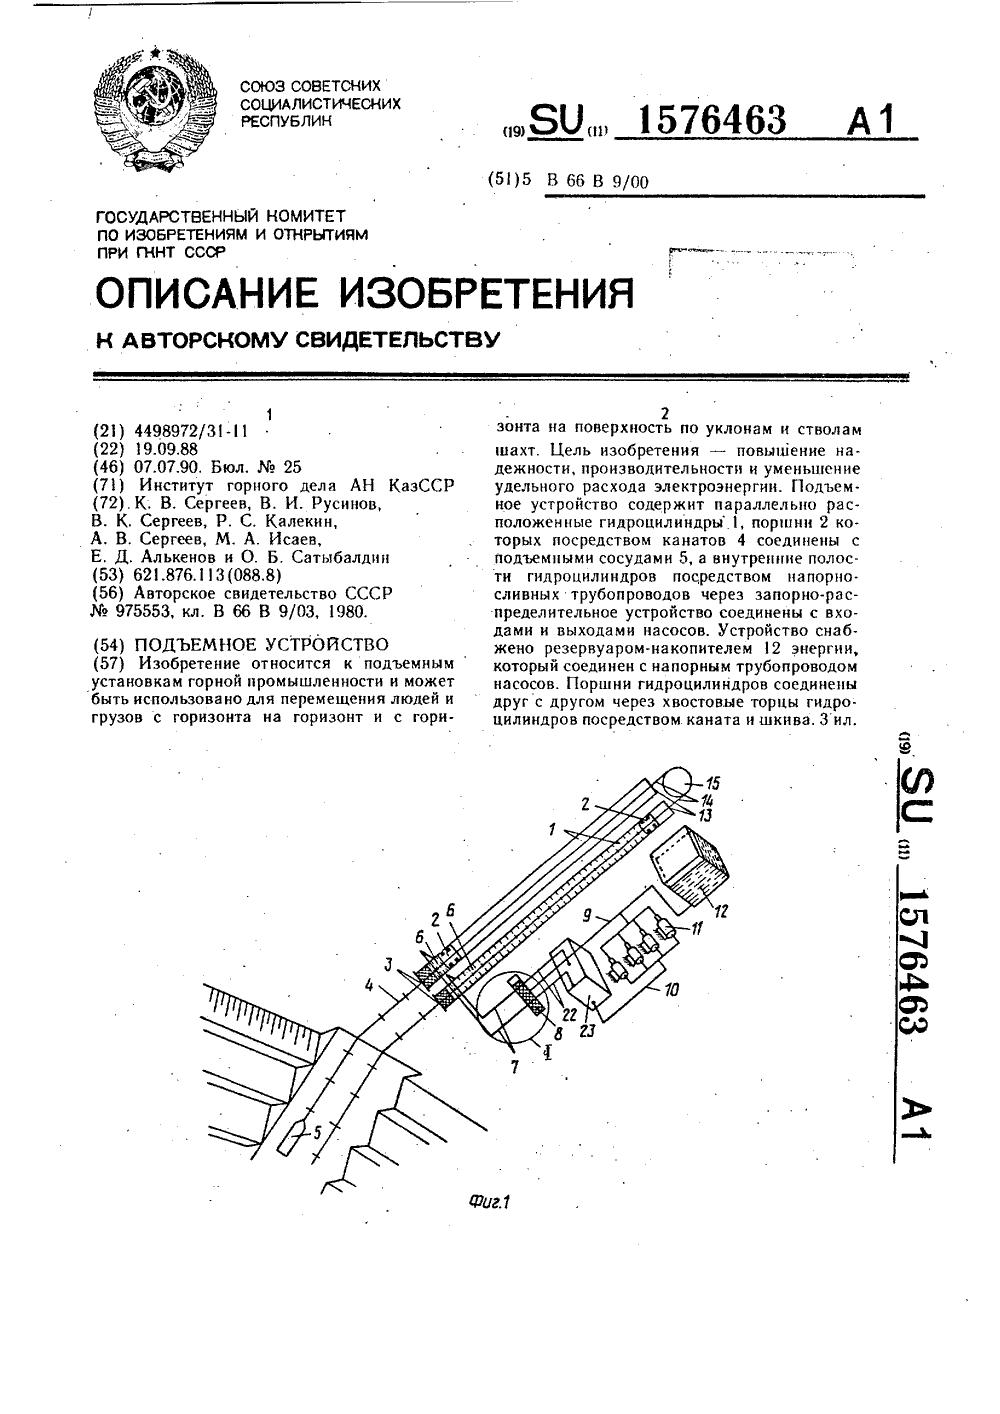 трансформаторы мотовилова схема и конструкция!